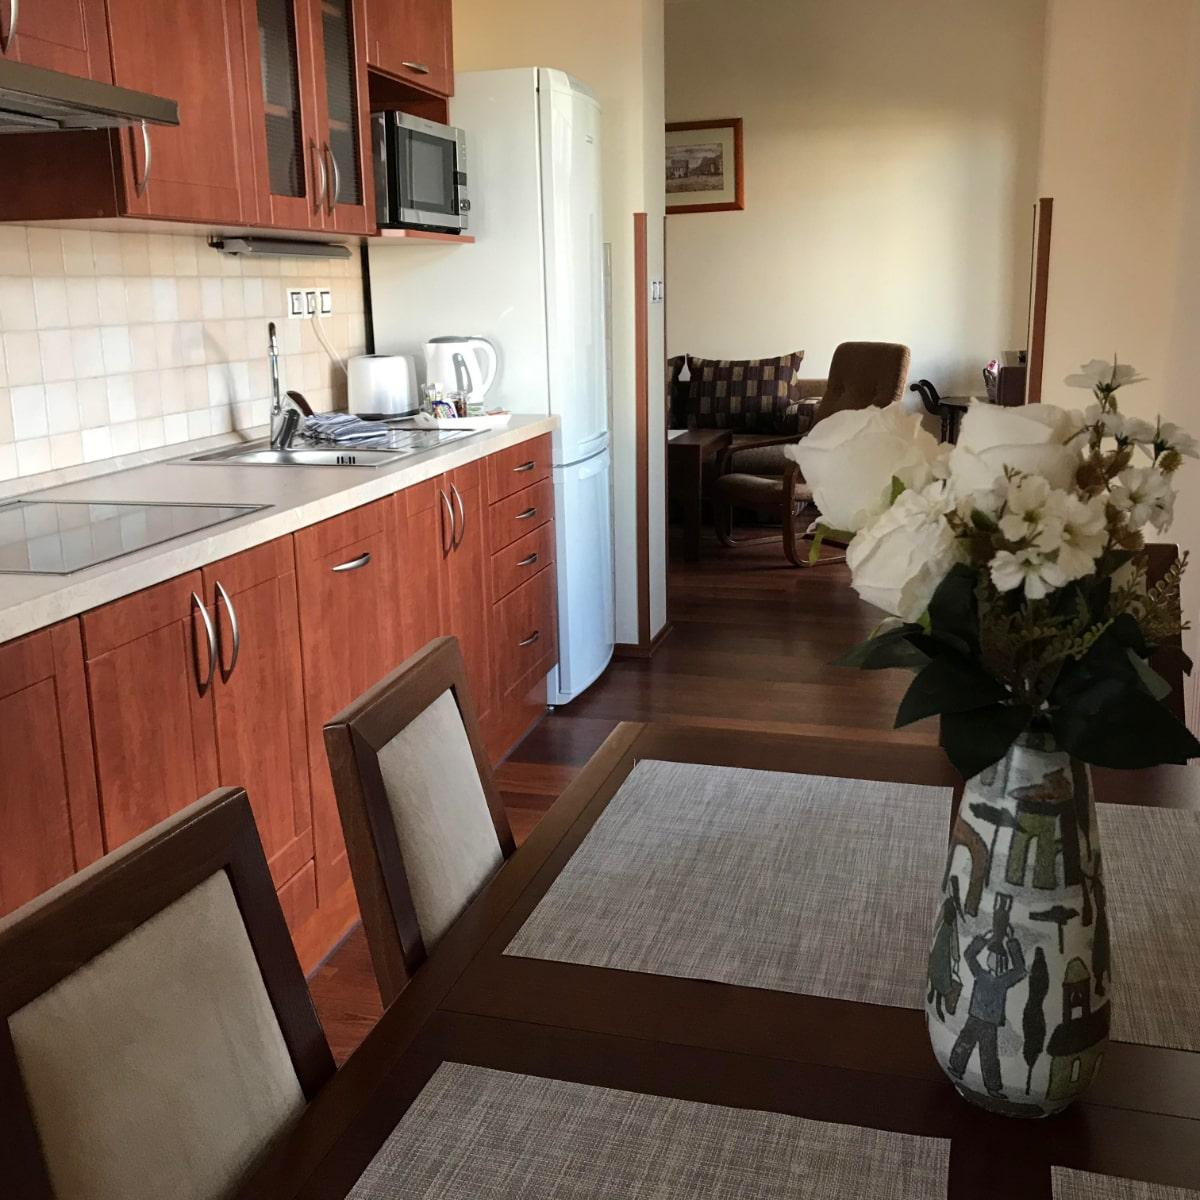 Apartmán Deluxe - jídelní kout s kuchyňskou linkou